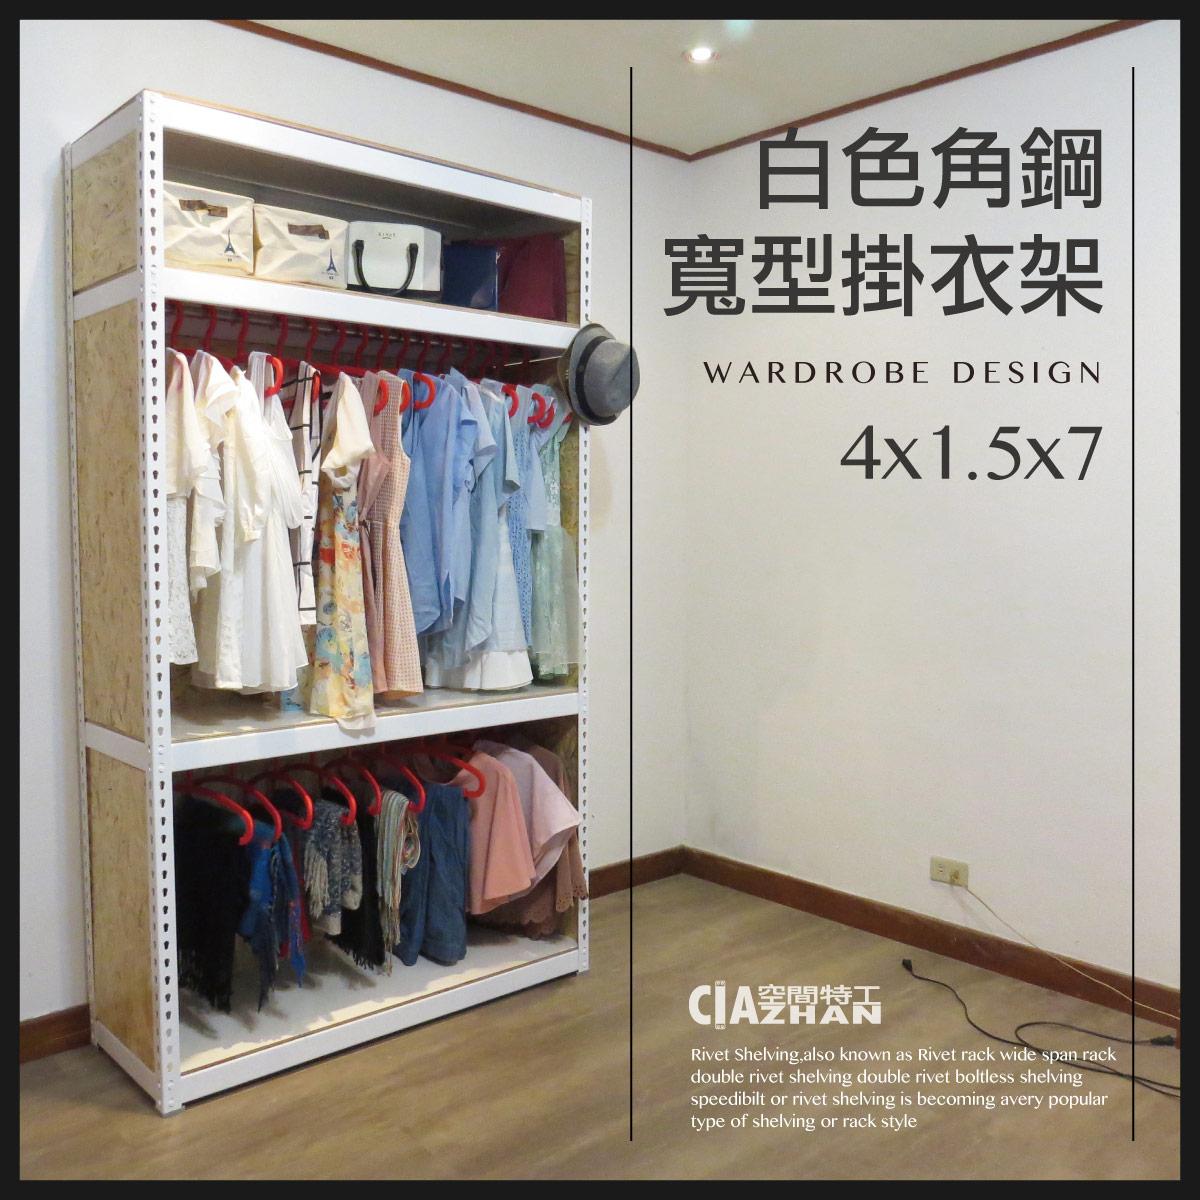 白色 四層寬型置衣櫃架〔120x45x210公分〕 耐重抗震角鋼衣架 置物架 收納櫃 組合衣櫃 空間特工 LRW4015CO